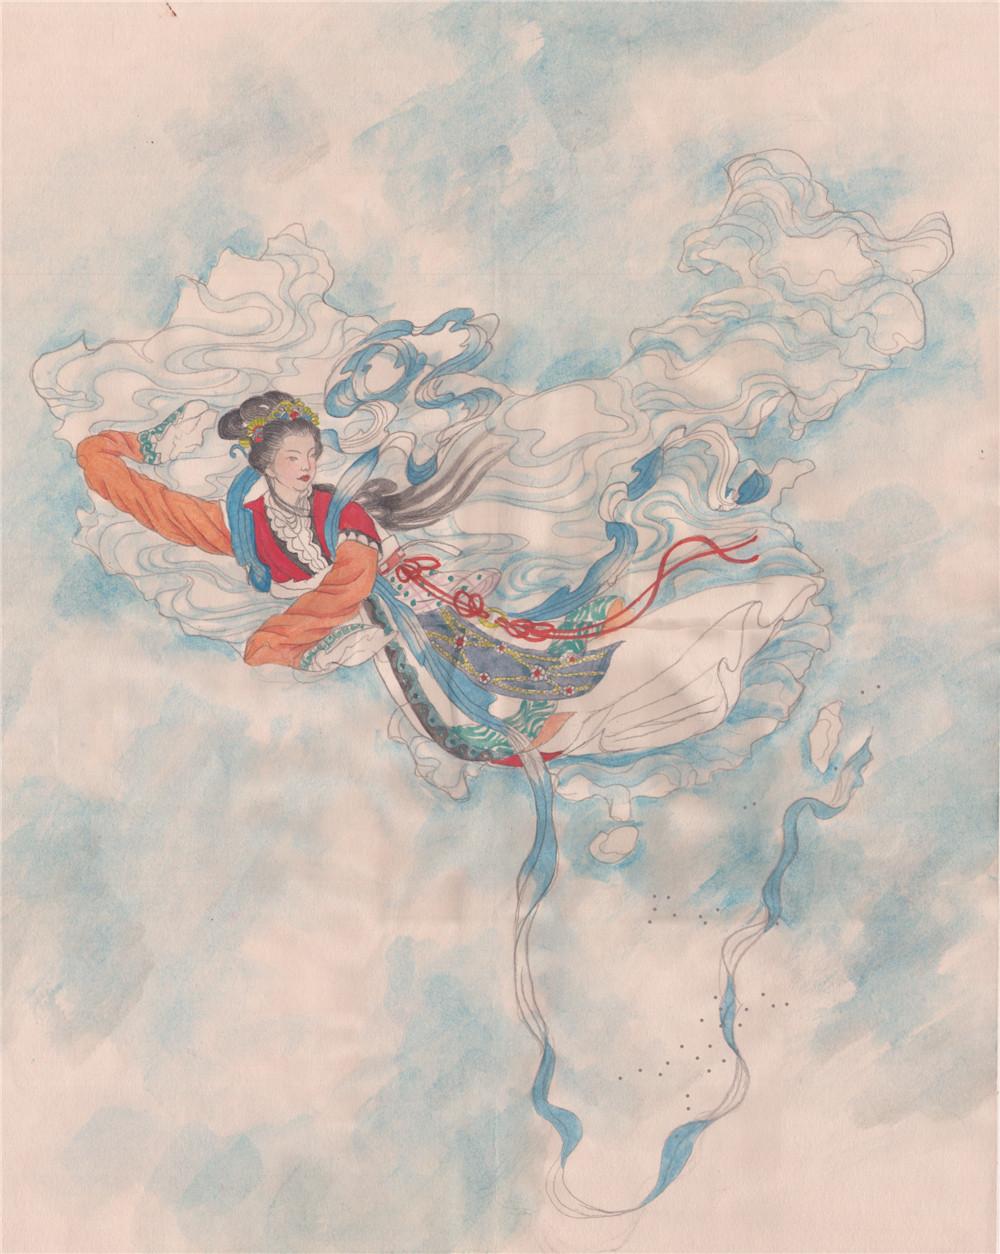 少儿手绘地图欣赏《霓裳中国图》 ,有飞天仙女的感觉.